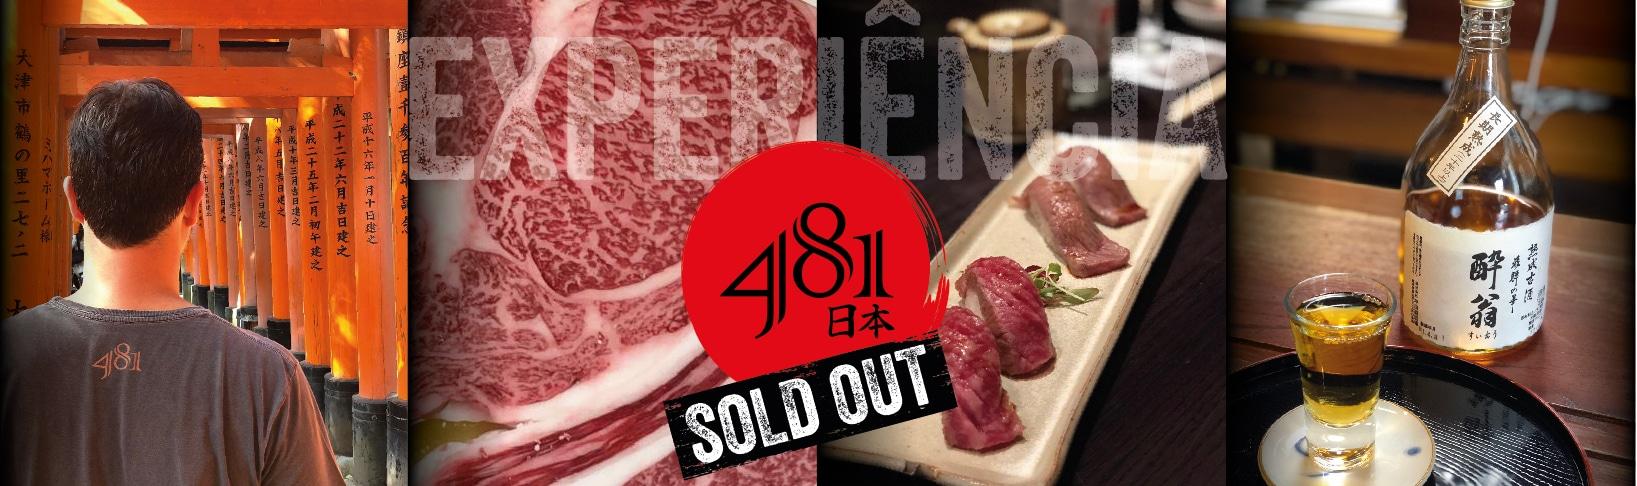 481 Japão sold out